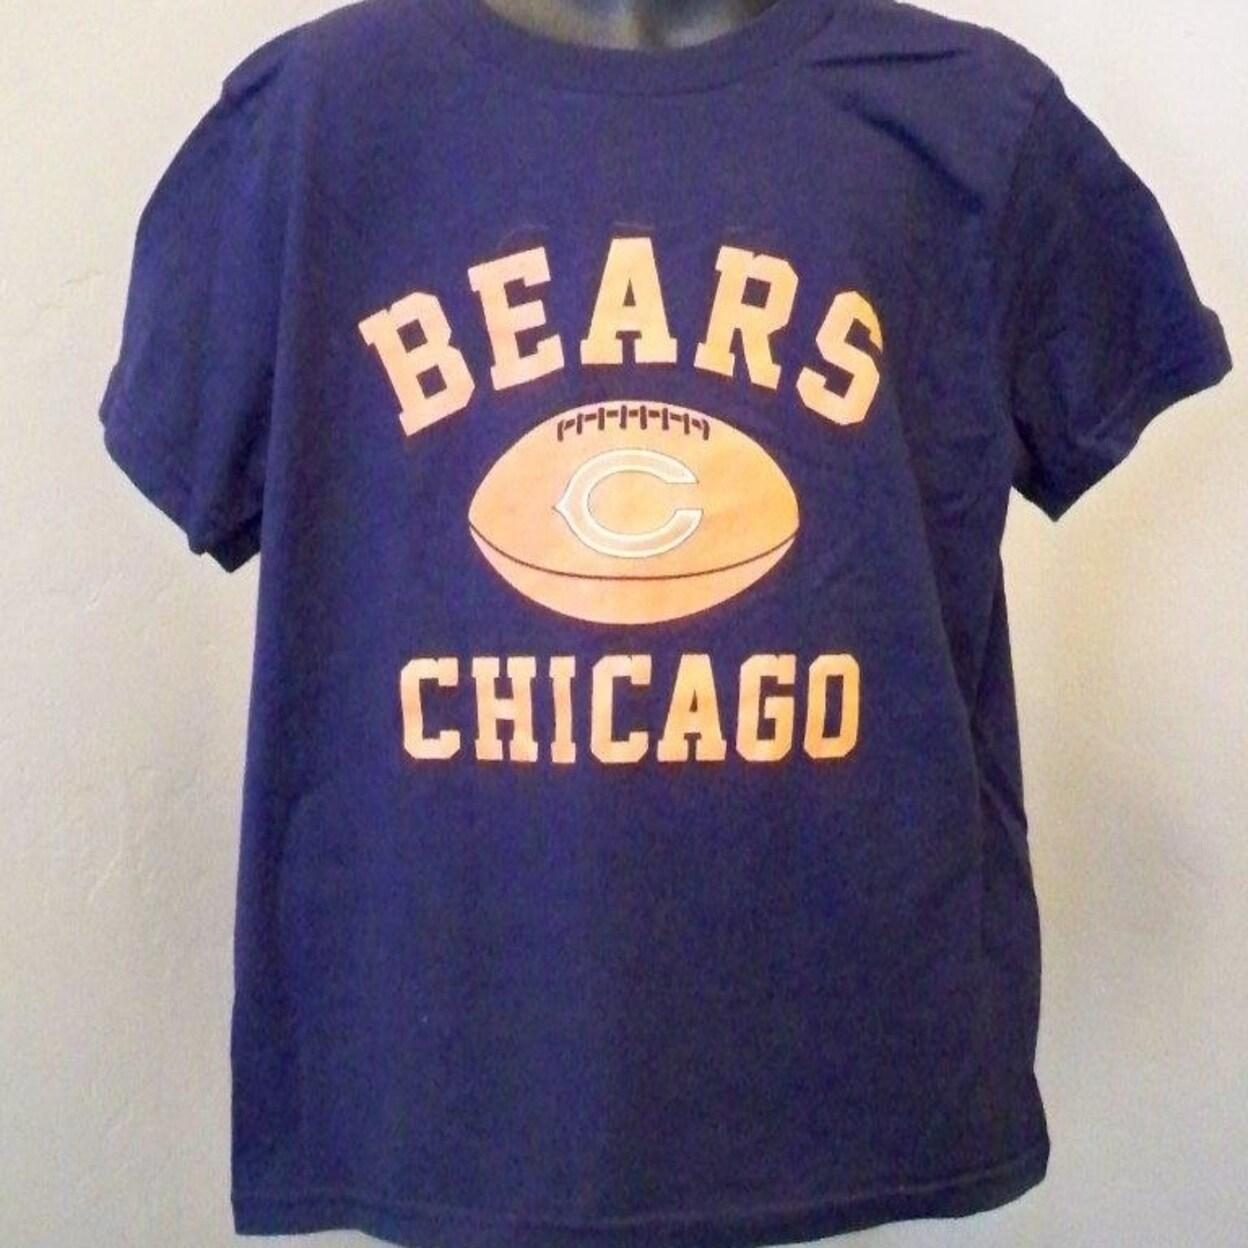 337562a6 Minor Flaw-Chicago Bears Kids Medium 5/6 Blue Shirt